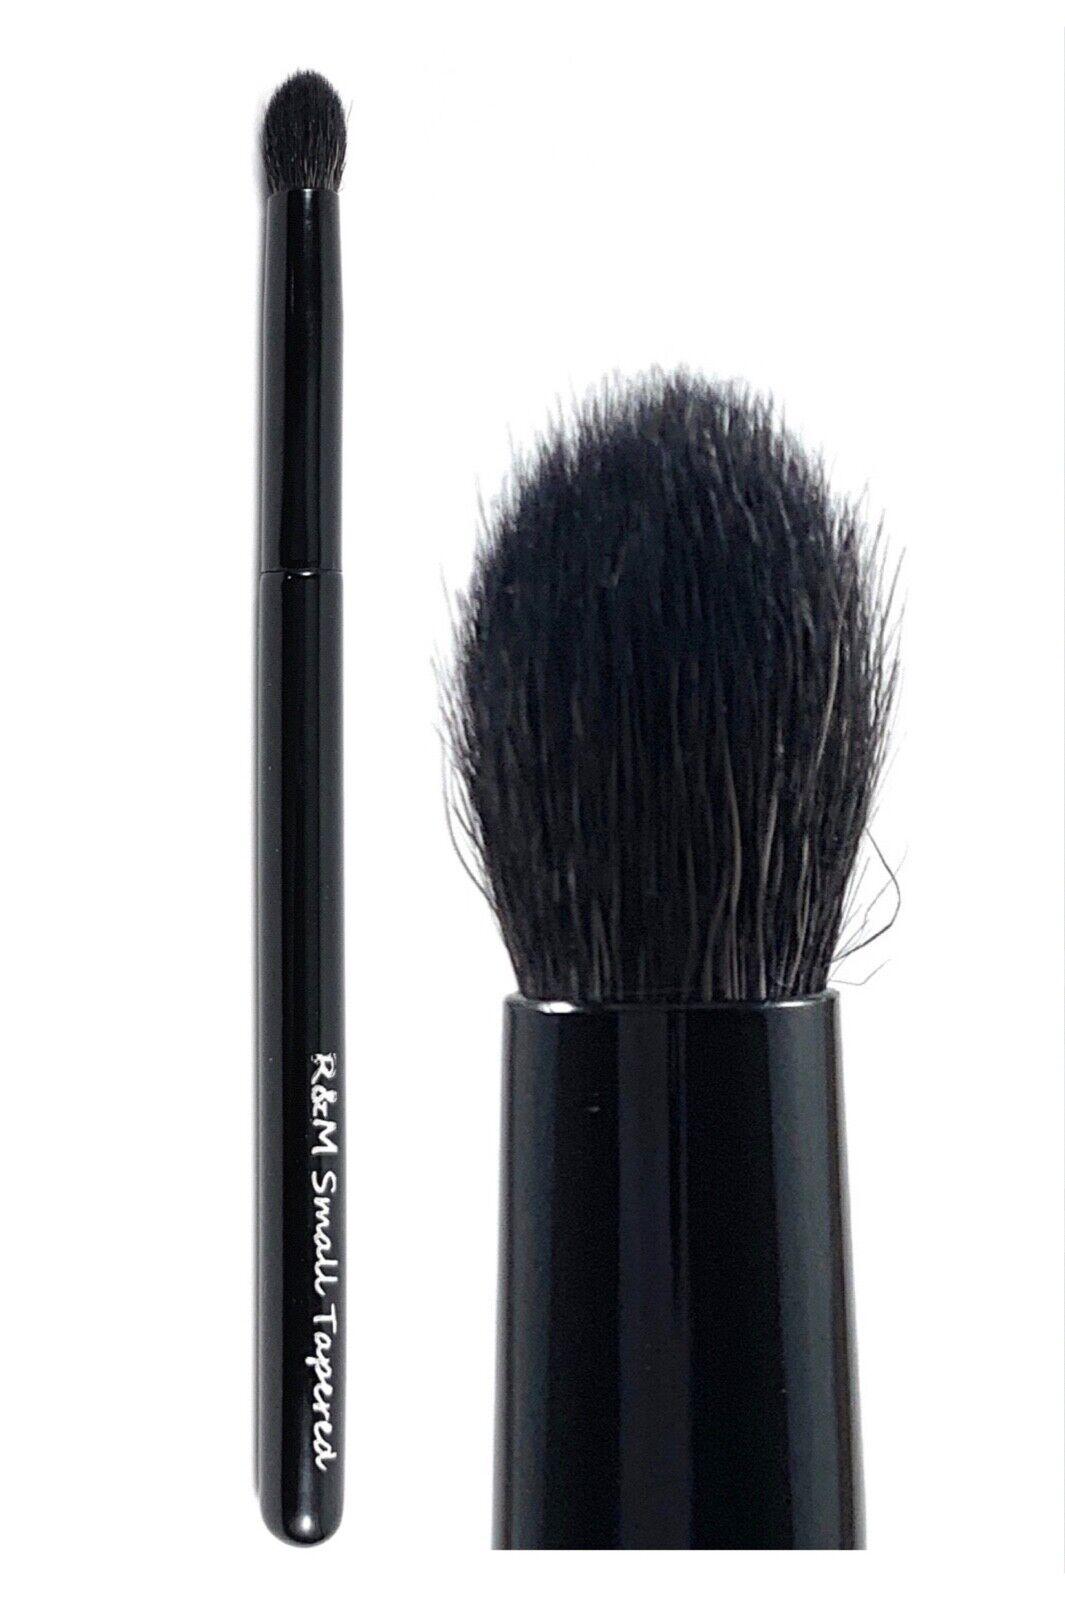 R&M Small Tapered Blending Brush